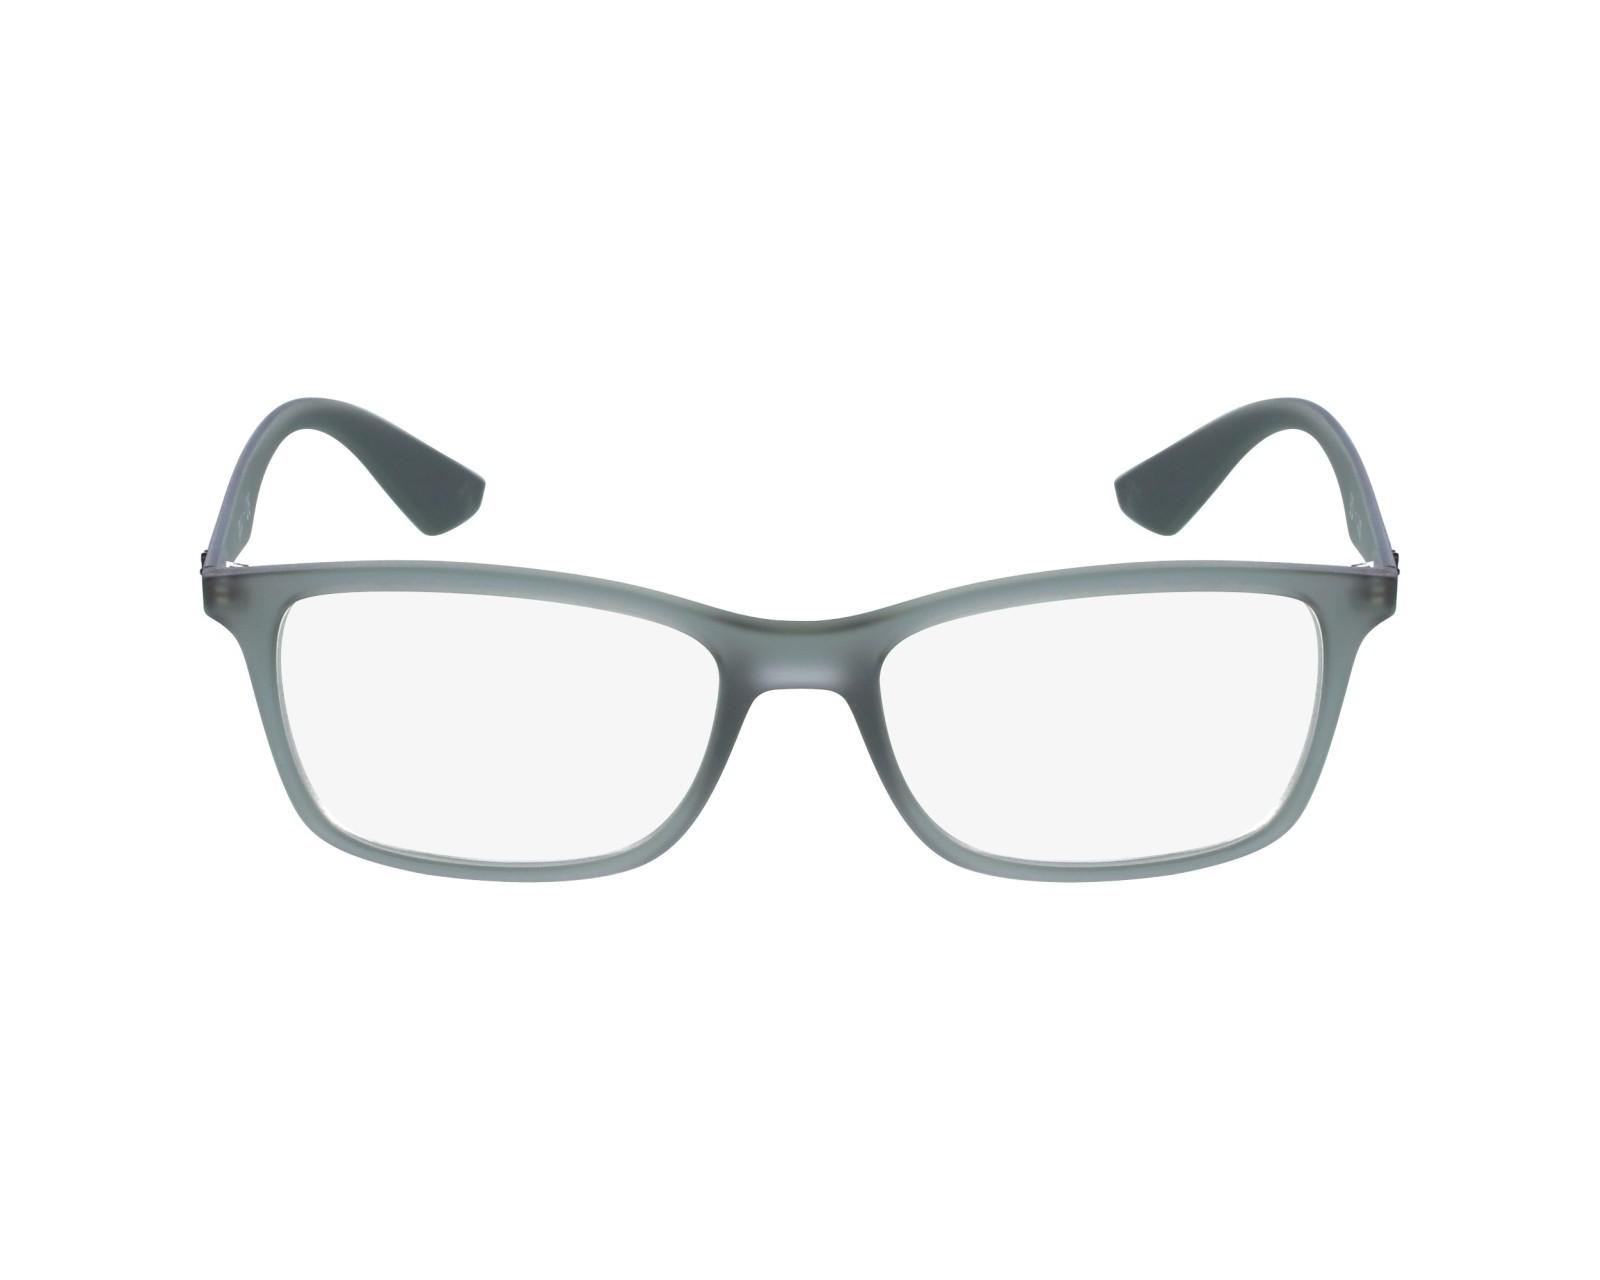 a58a2b71e6 Gafas Graduadas Ray-Ban RX-7047 5482 54-17 Gris vista de perfil